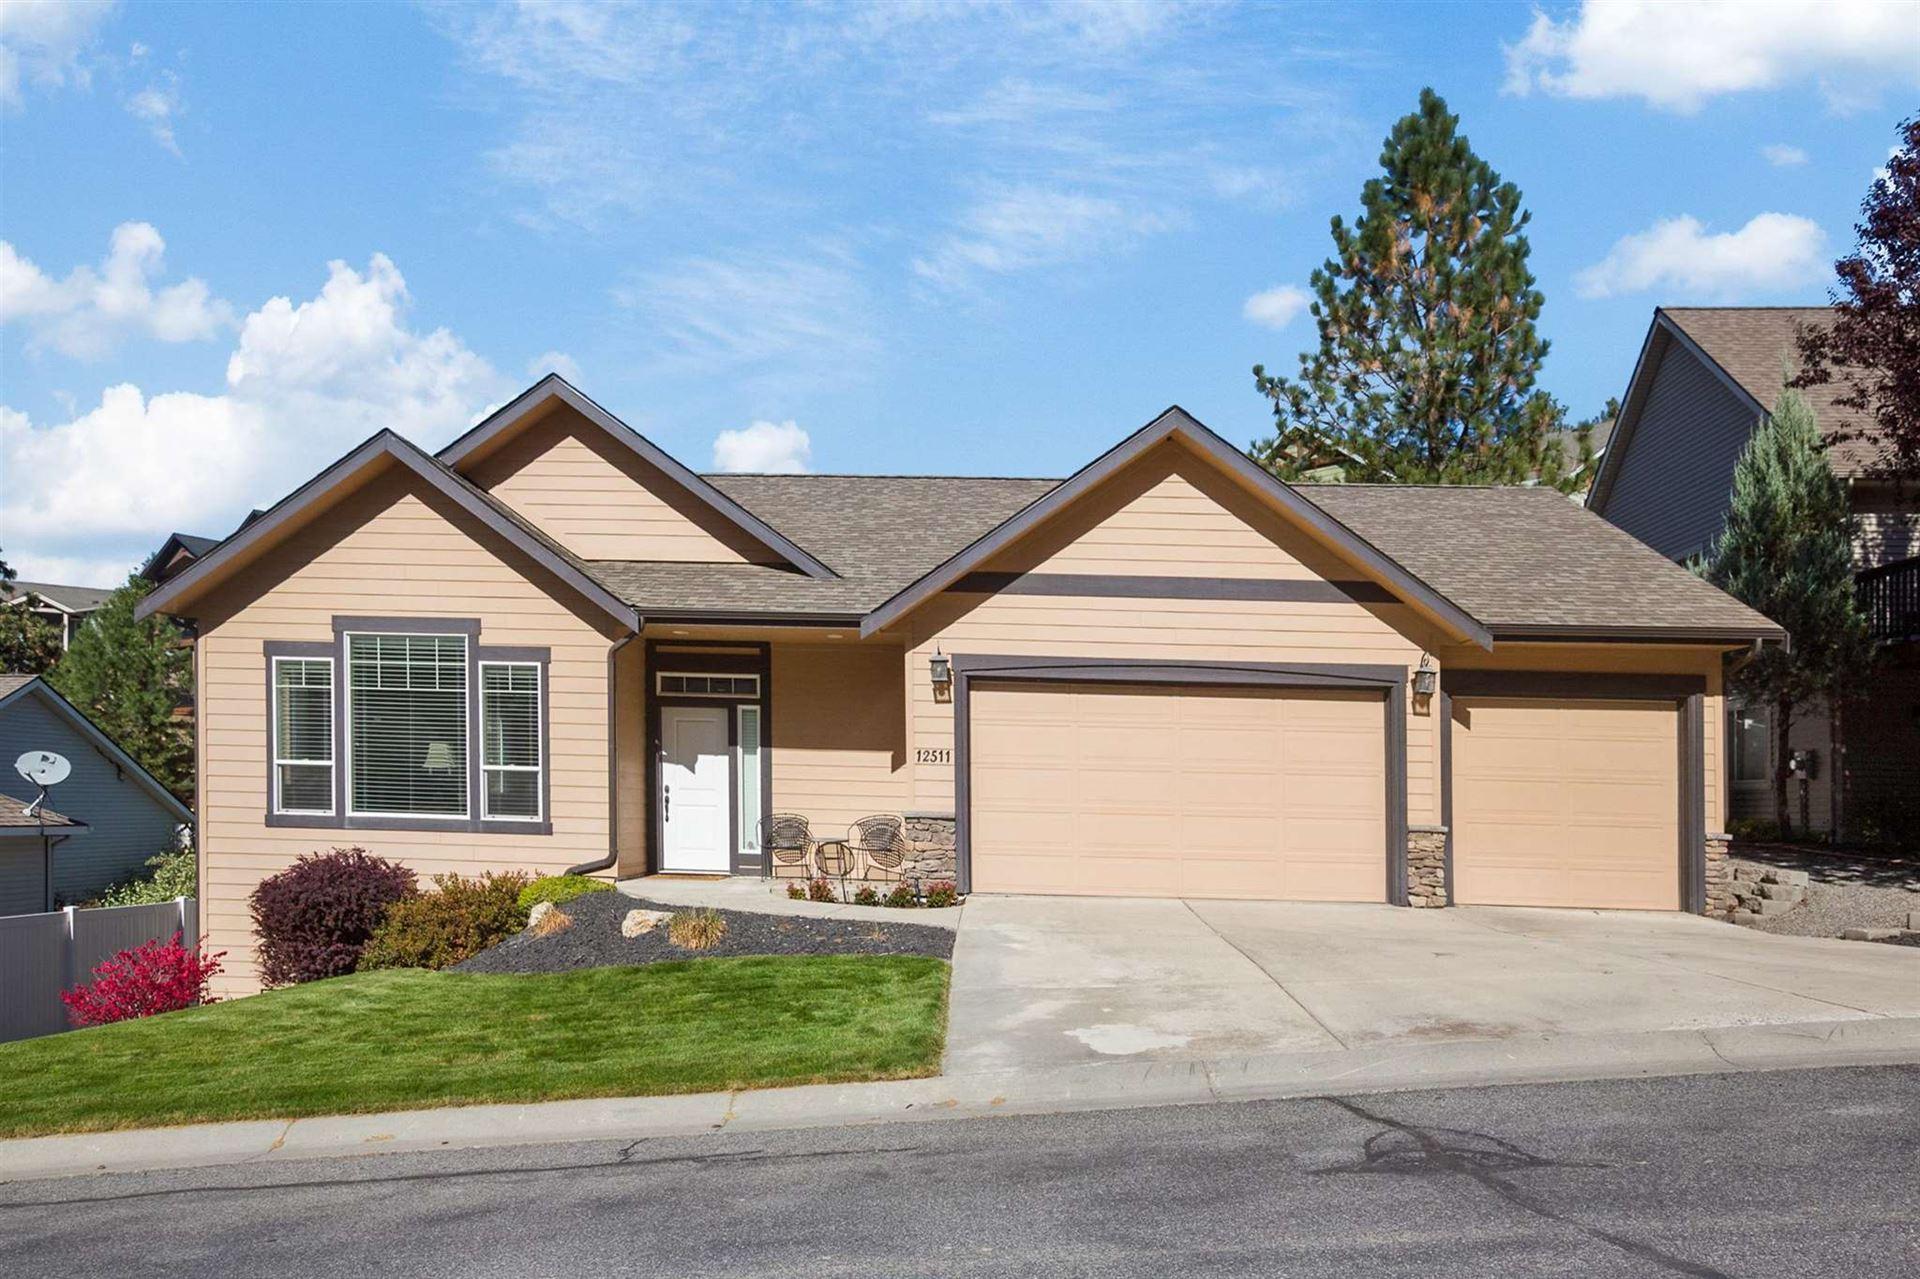 12511 E Aunnic Ln, Spokane Valley, WA 99206 - #: 202123334